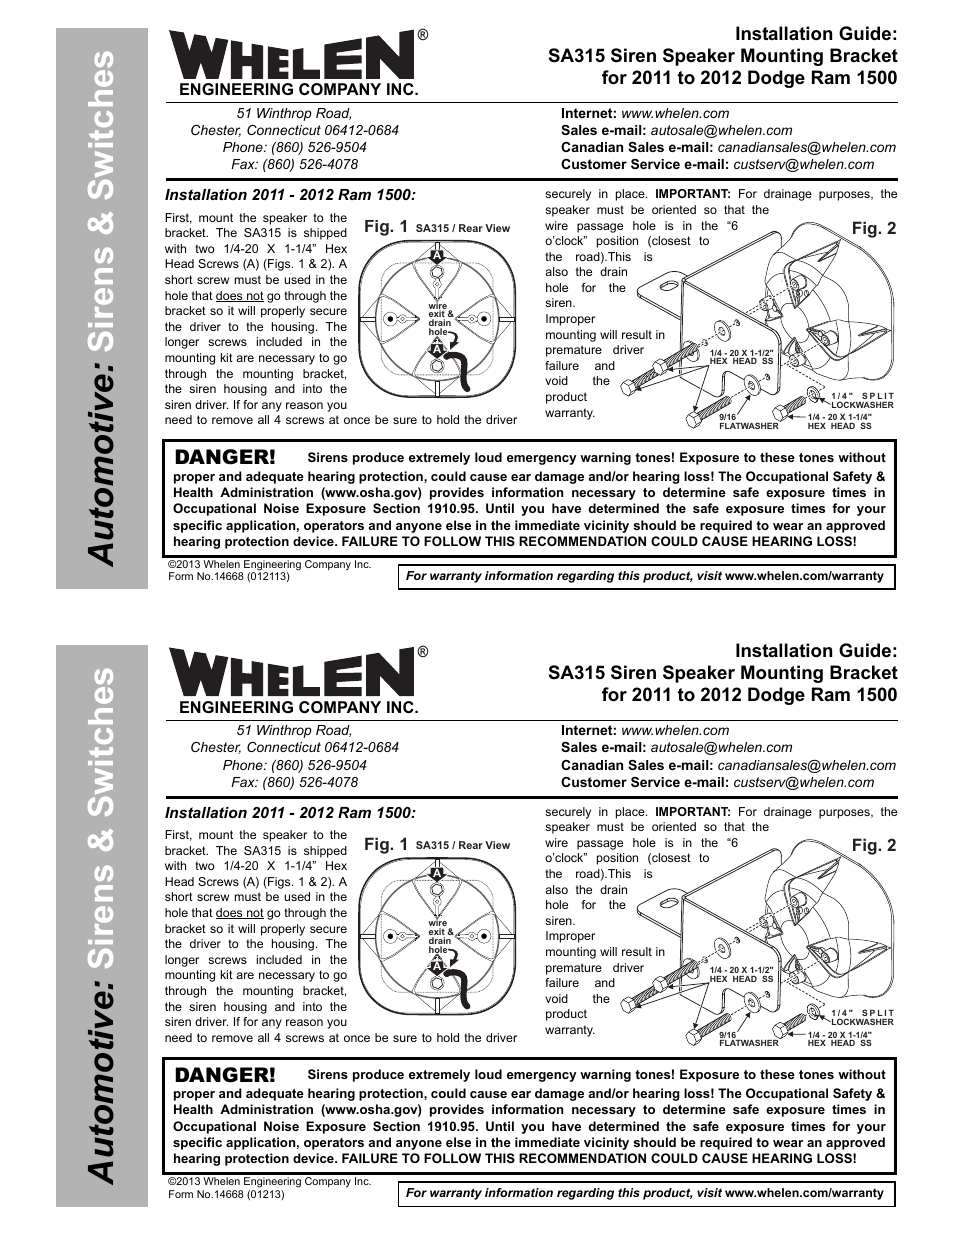 Whelen Siren Speaker Wiring Diagram Free Download Sak47 User Manual 2 Pages Also For Sak48 9m At